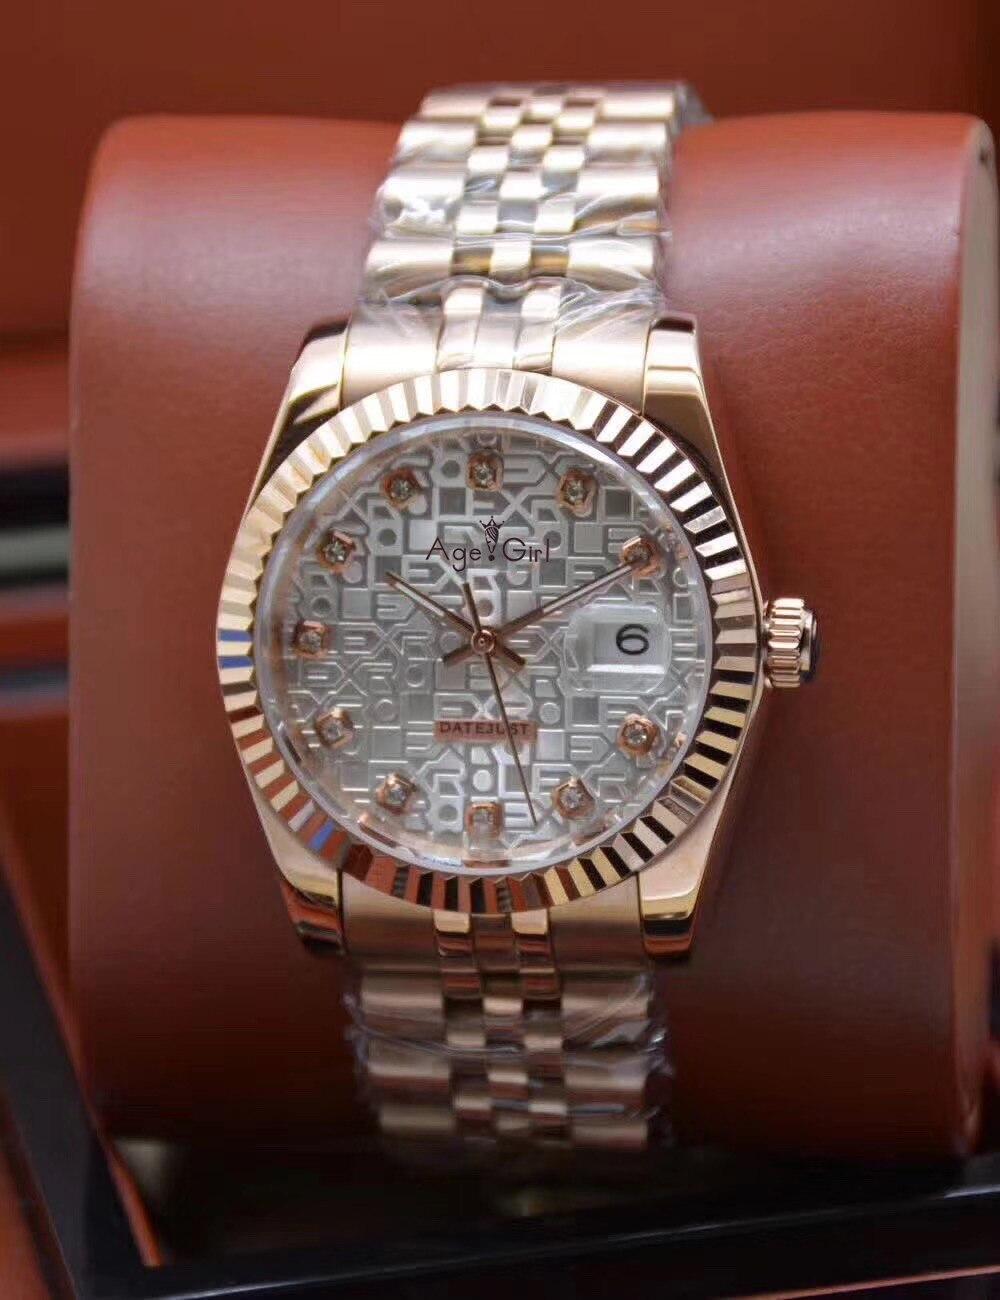 الكلاسيكية الجديدة الرجال التلقائي الميكانيكية Datejust الفولاذ المقاوم للصدأ الياقوت الوردي الذهب الأزرق الأسود الأبيض الماس شل الساعات